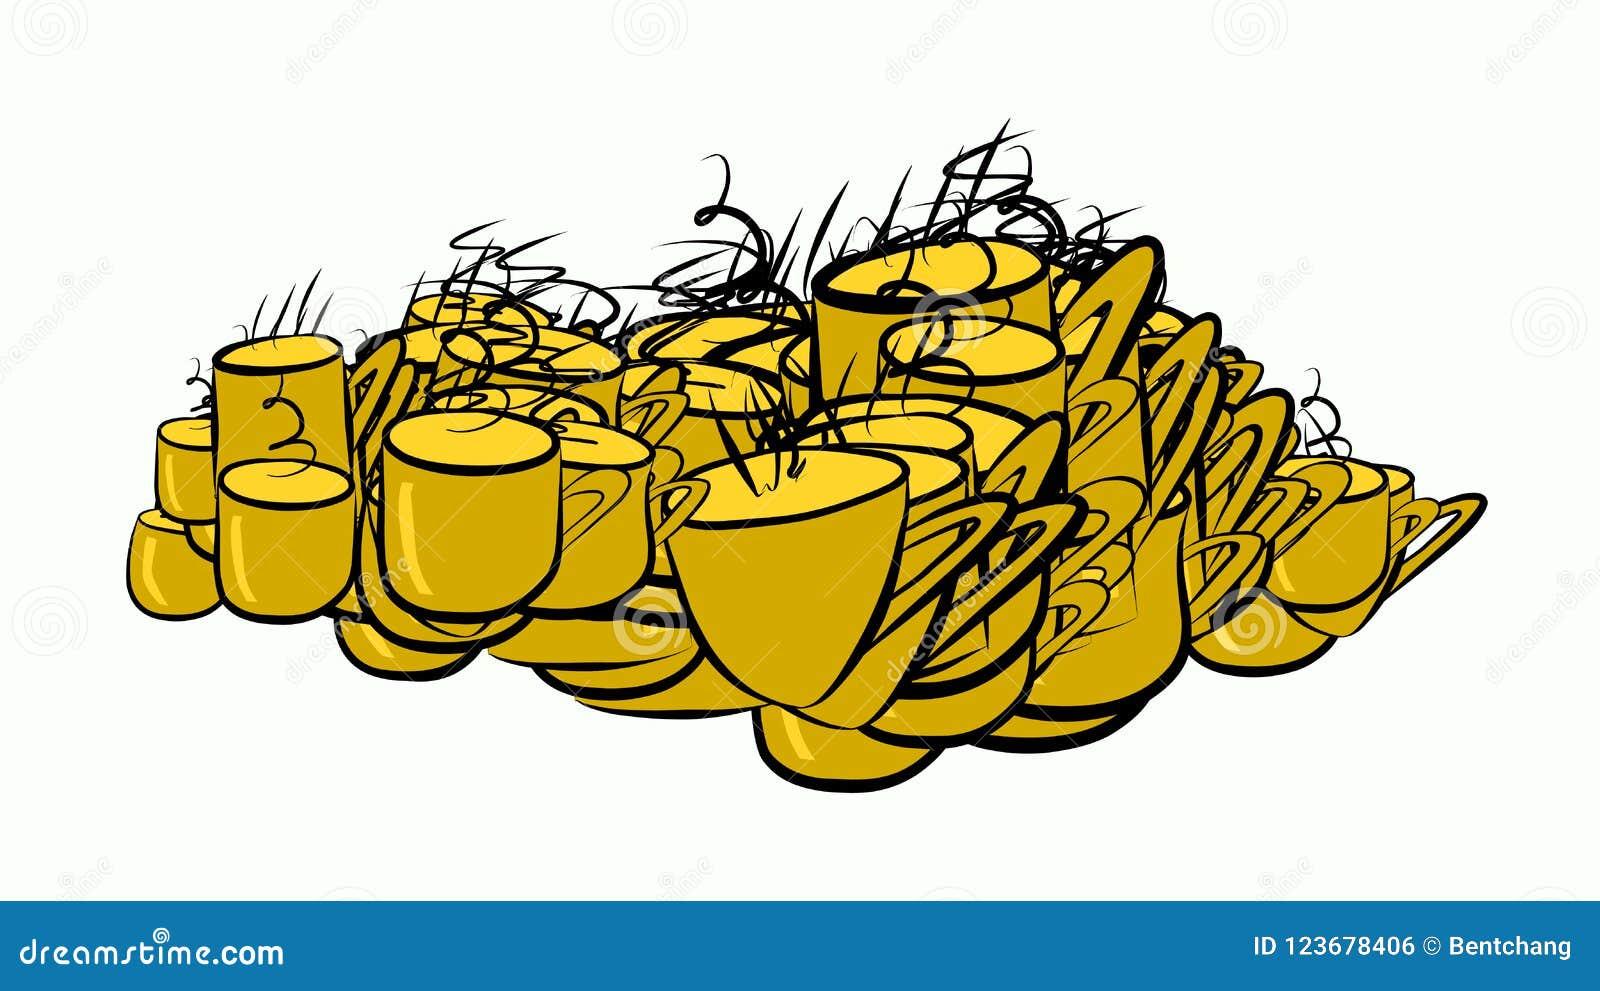 Abstrakte Illustrationen der Kaffeetasse, begrifflich Grafik, Muster, Farbe u. Mokka